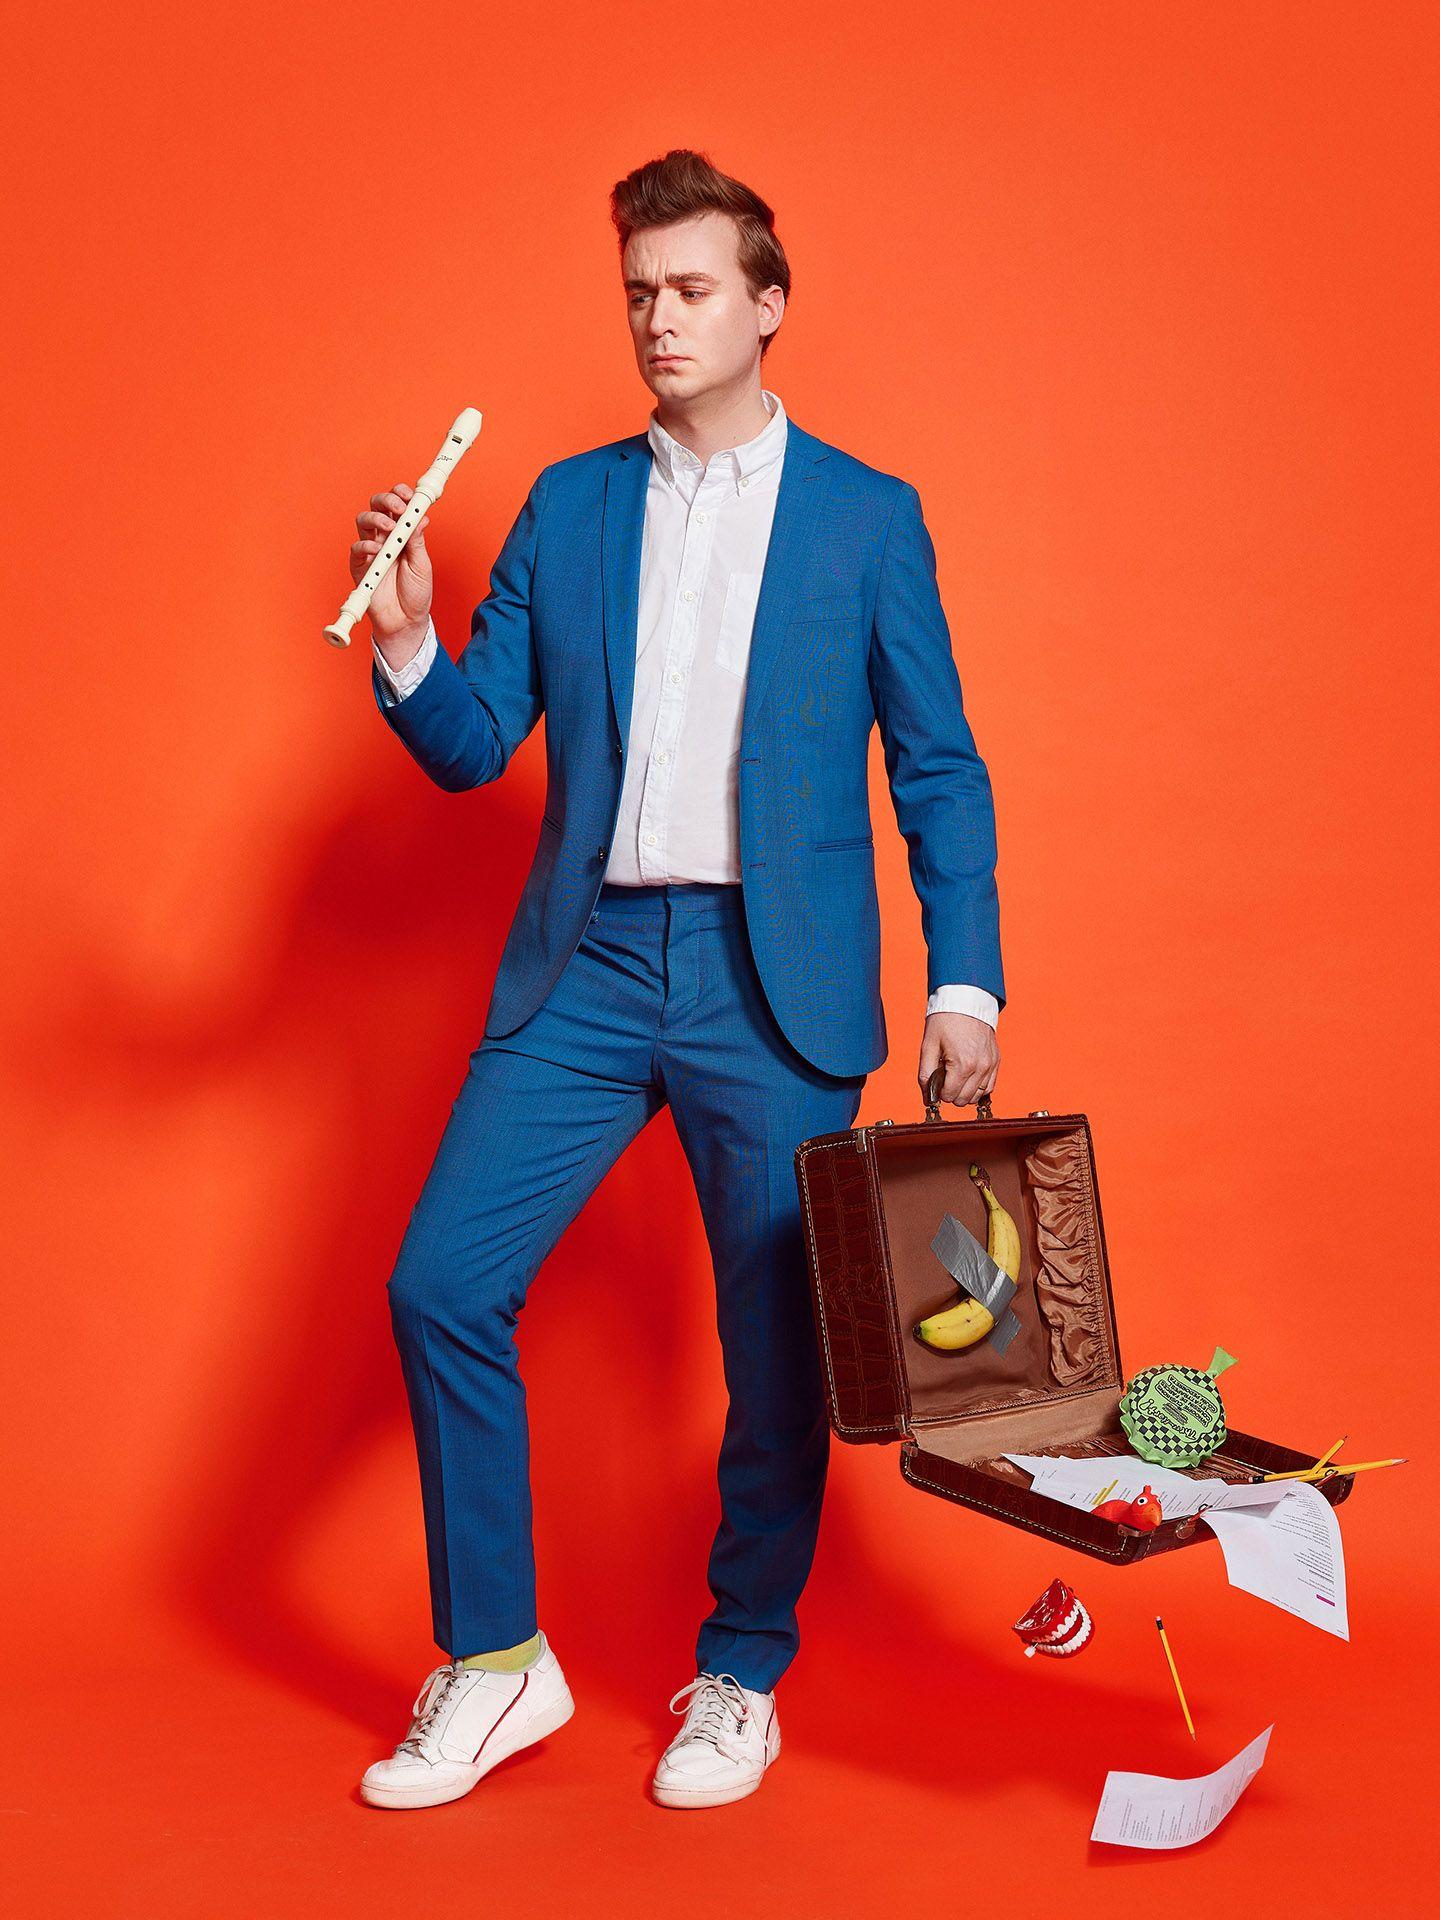 Photo d'Arnaud Soly portant un costume bleu, une chemise blanche, des baskets blanches. Il tient une flûte dans une main et un bagage ouvert d'où tombent des objets humoristiques.